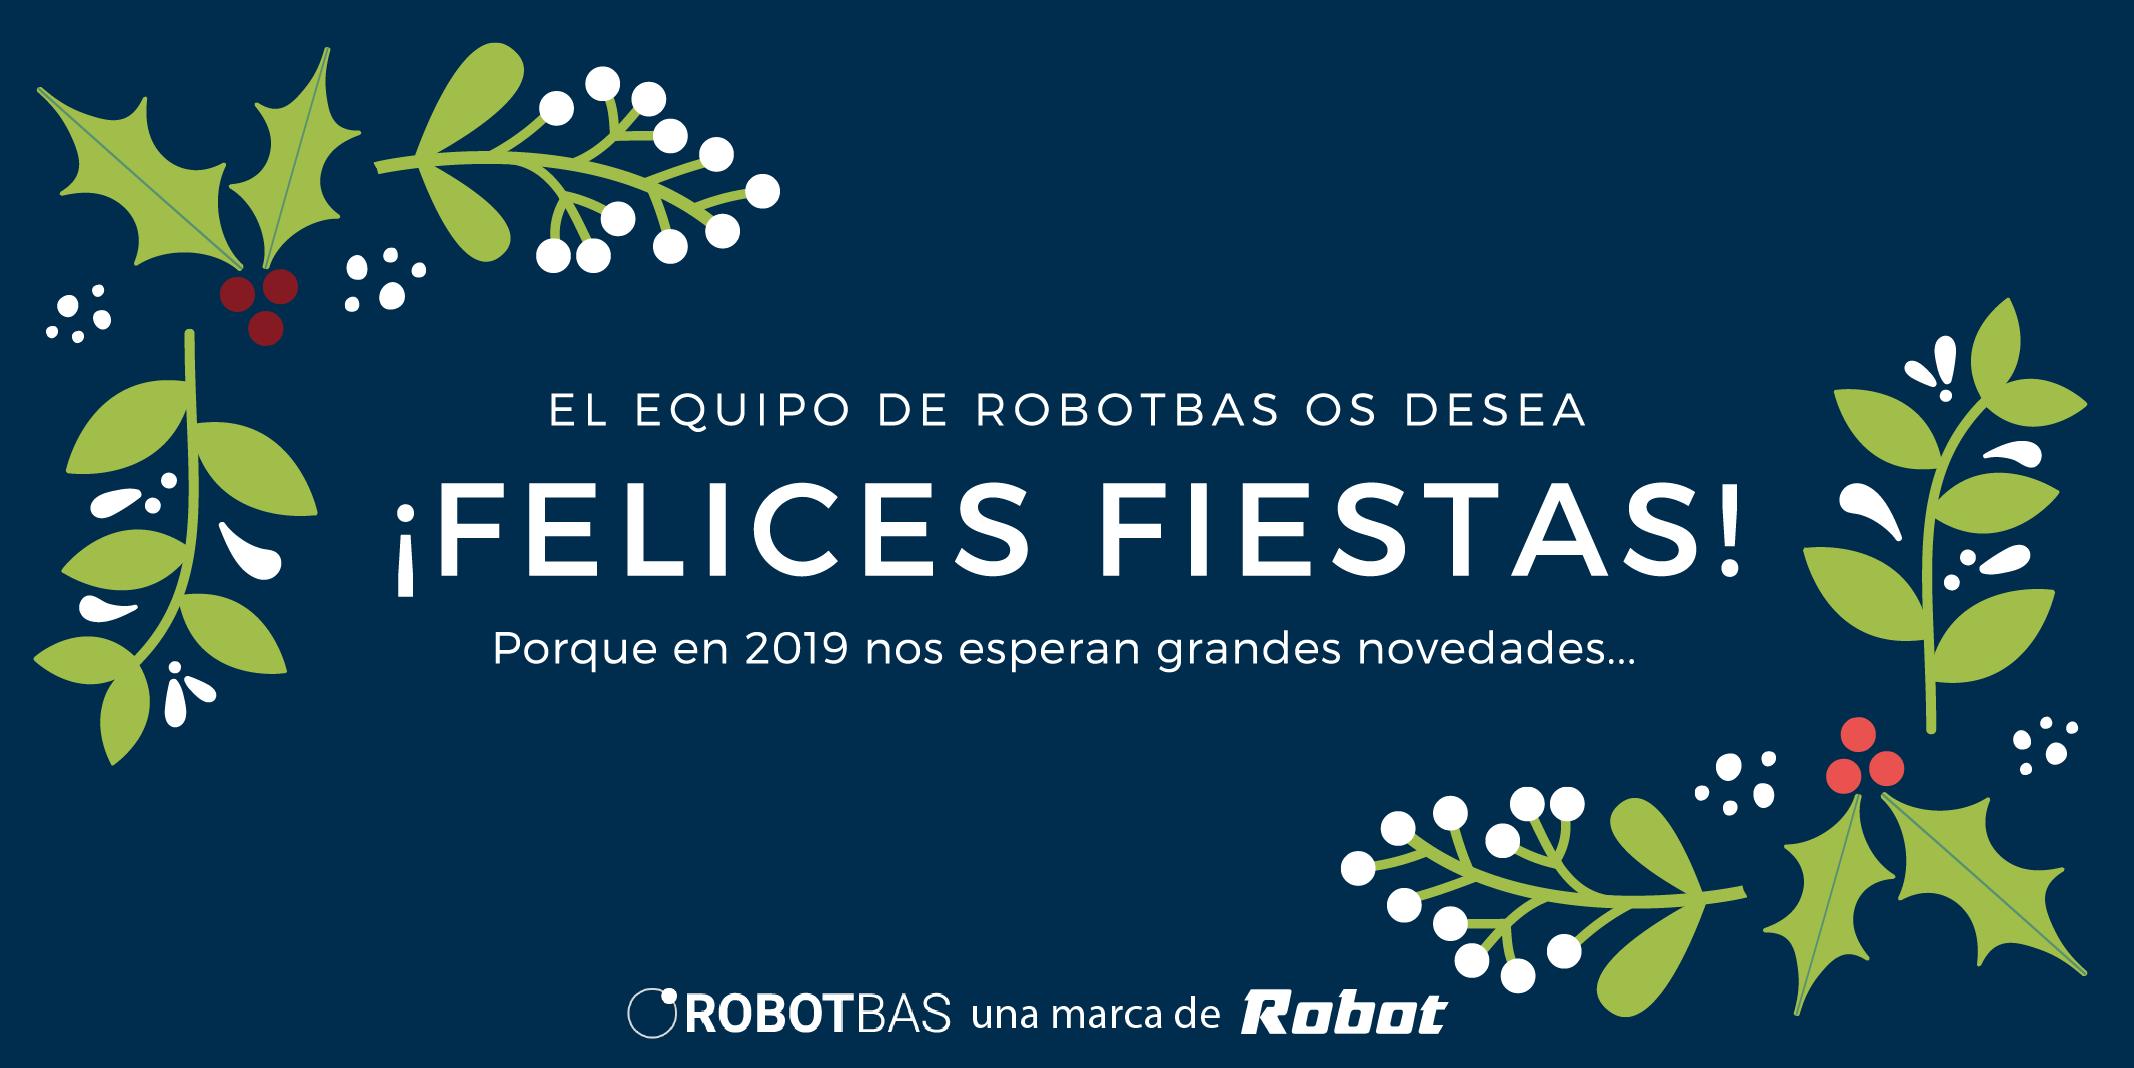 felices fiestas de robot 2018